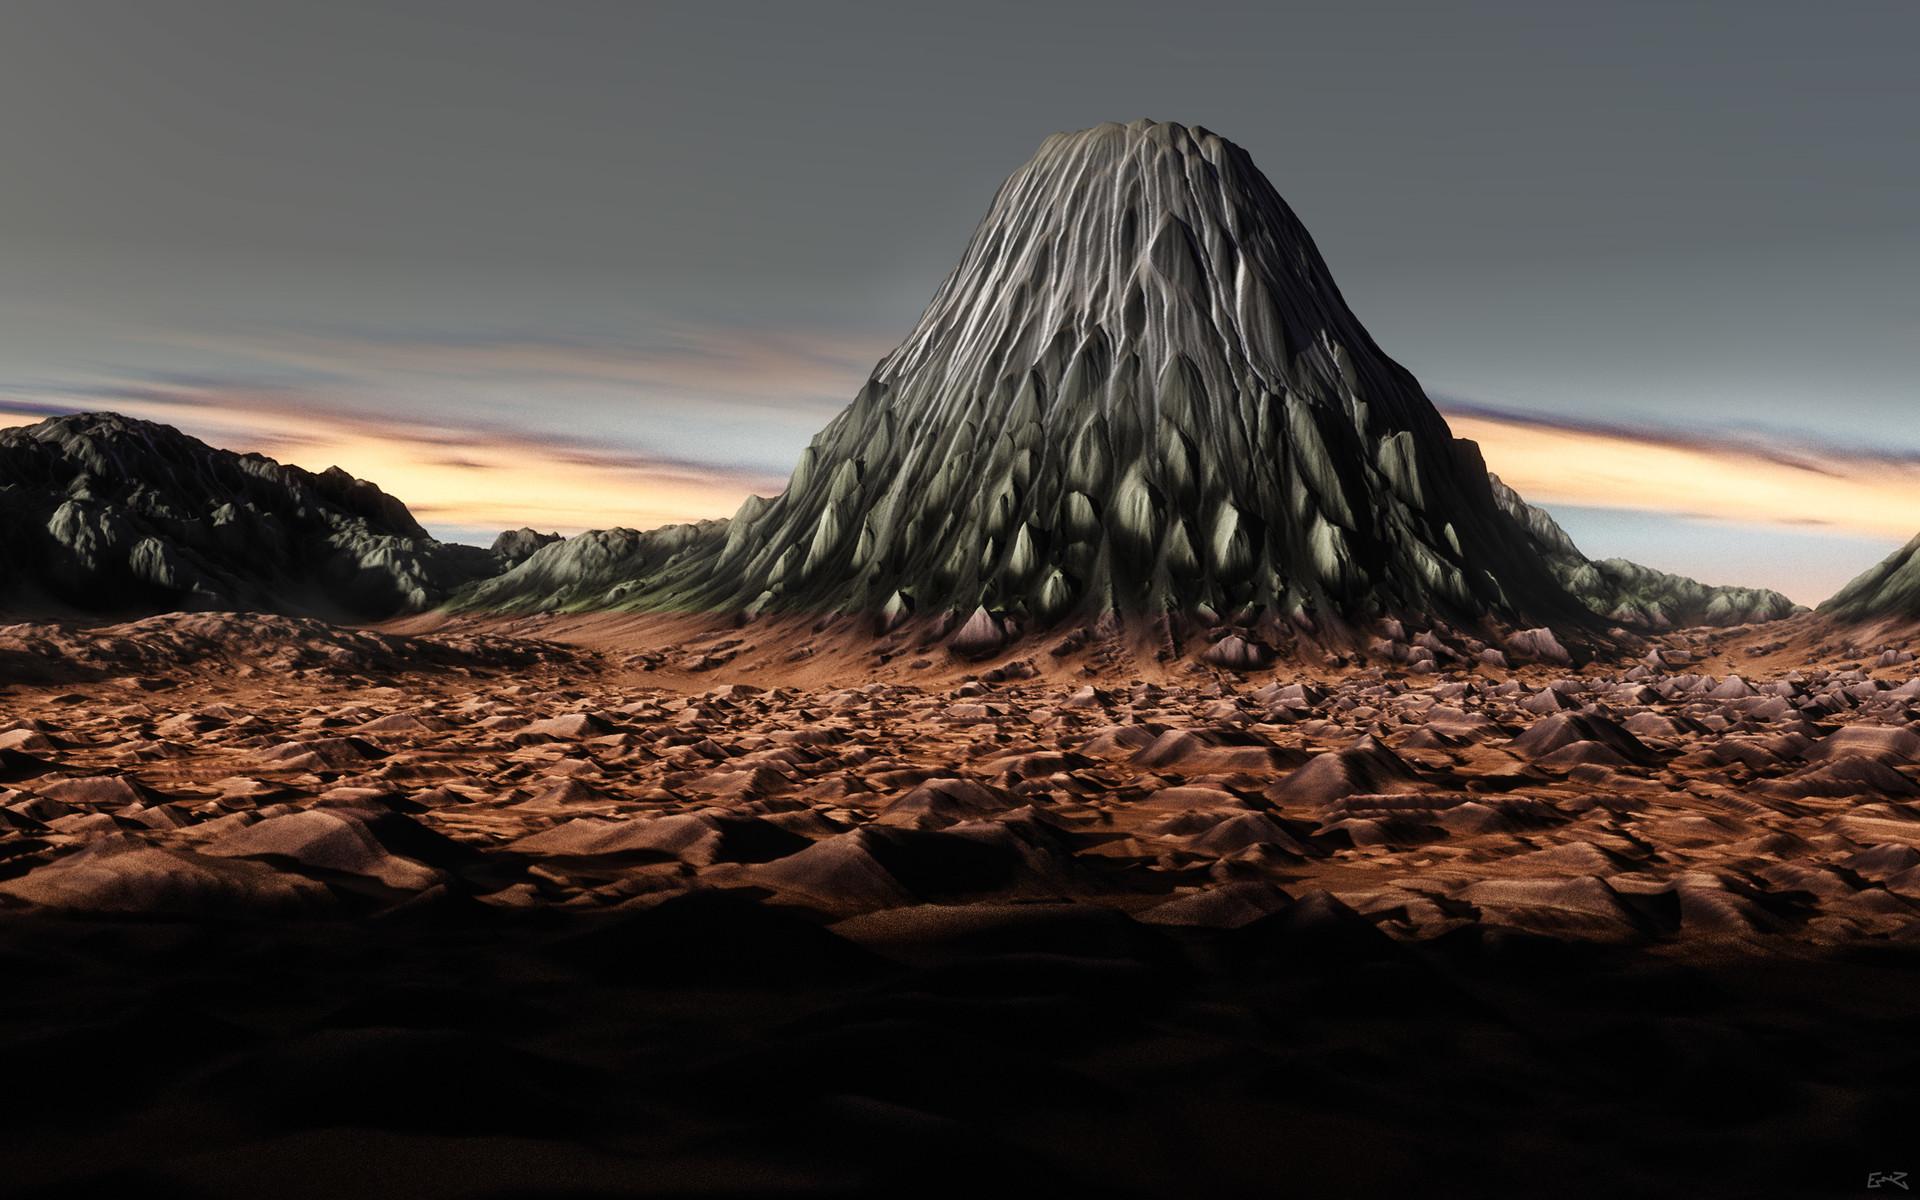 ArtStation - The Volcanic Plains, Ean Mering